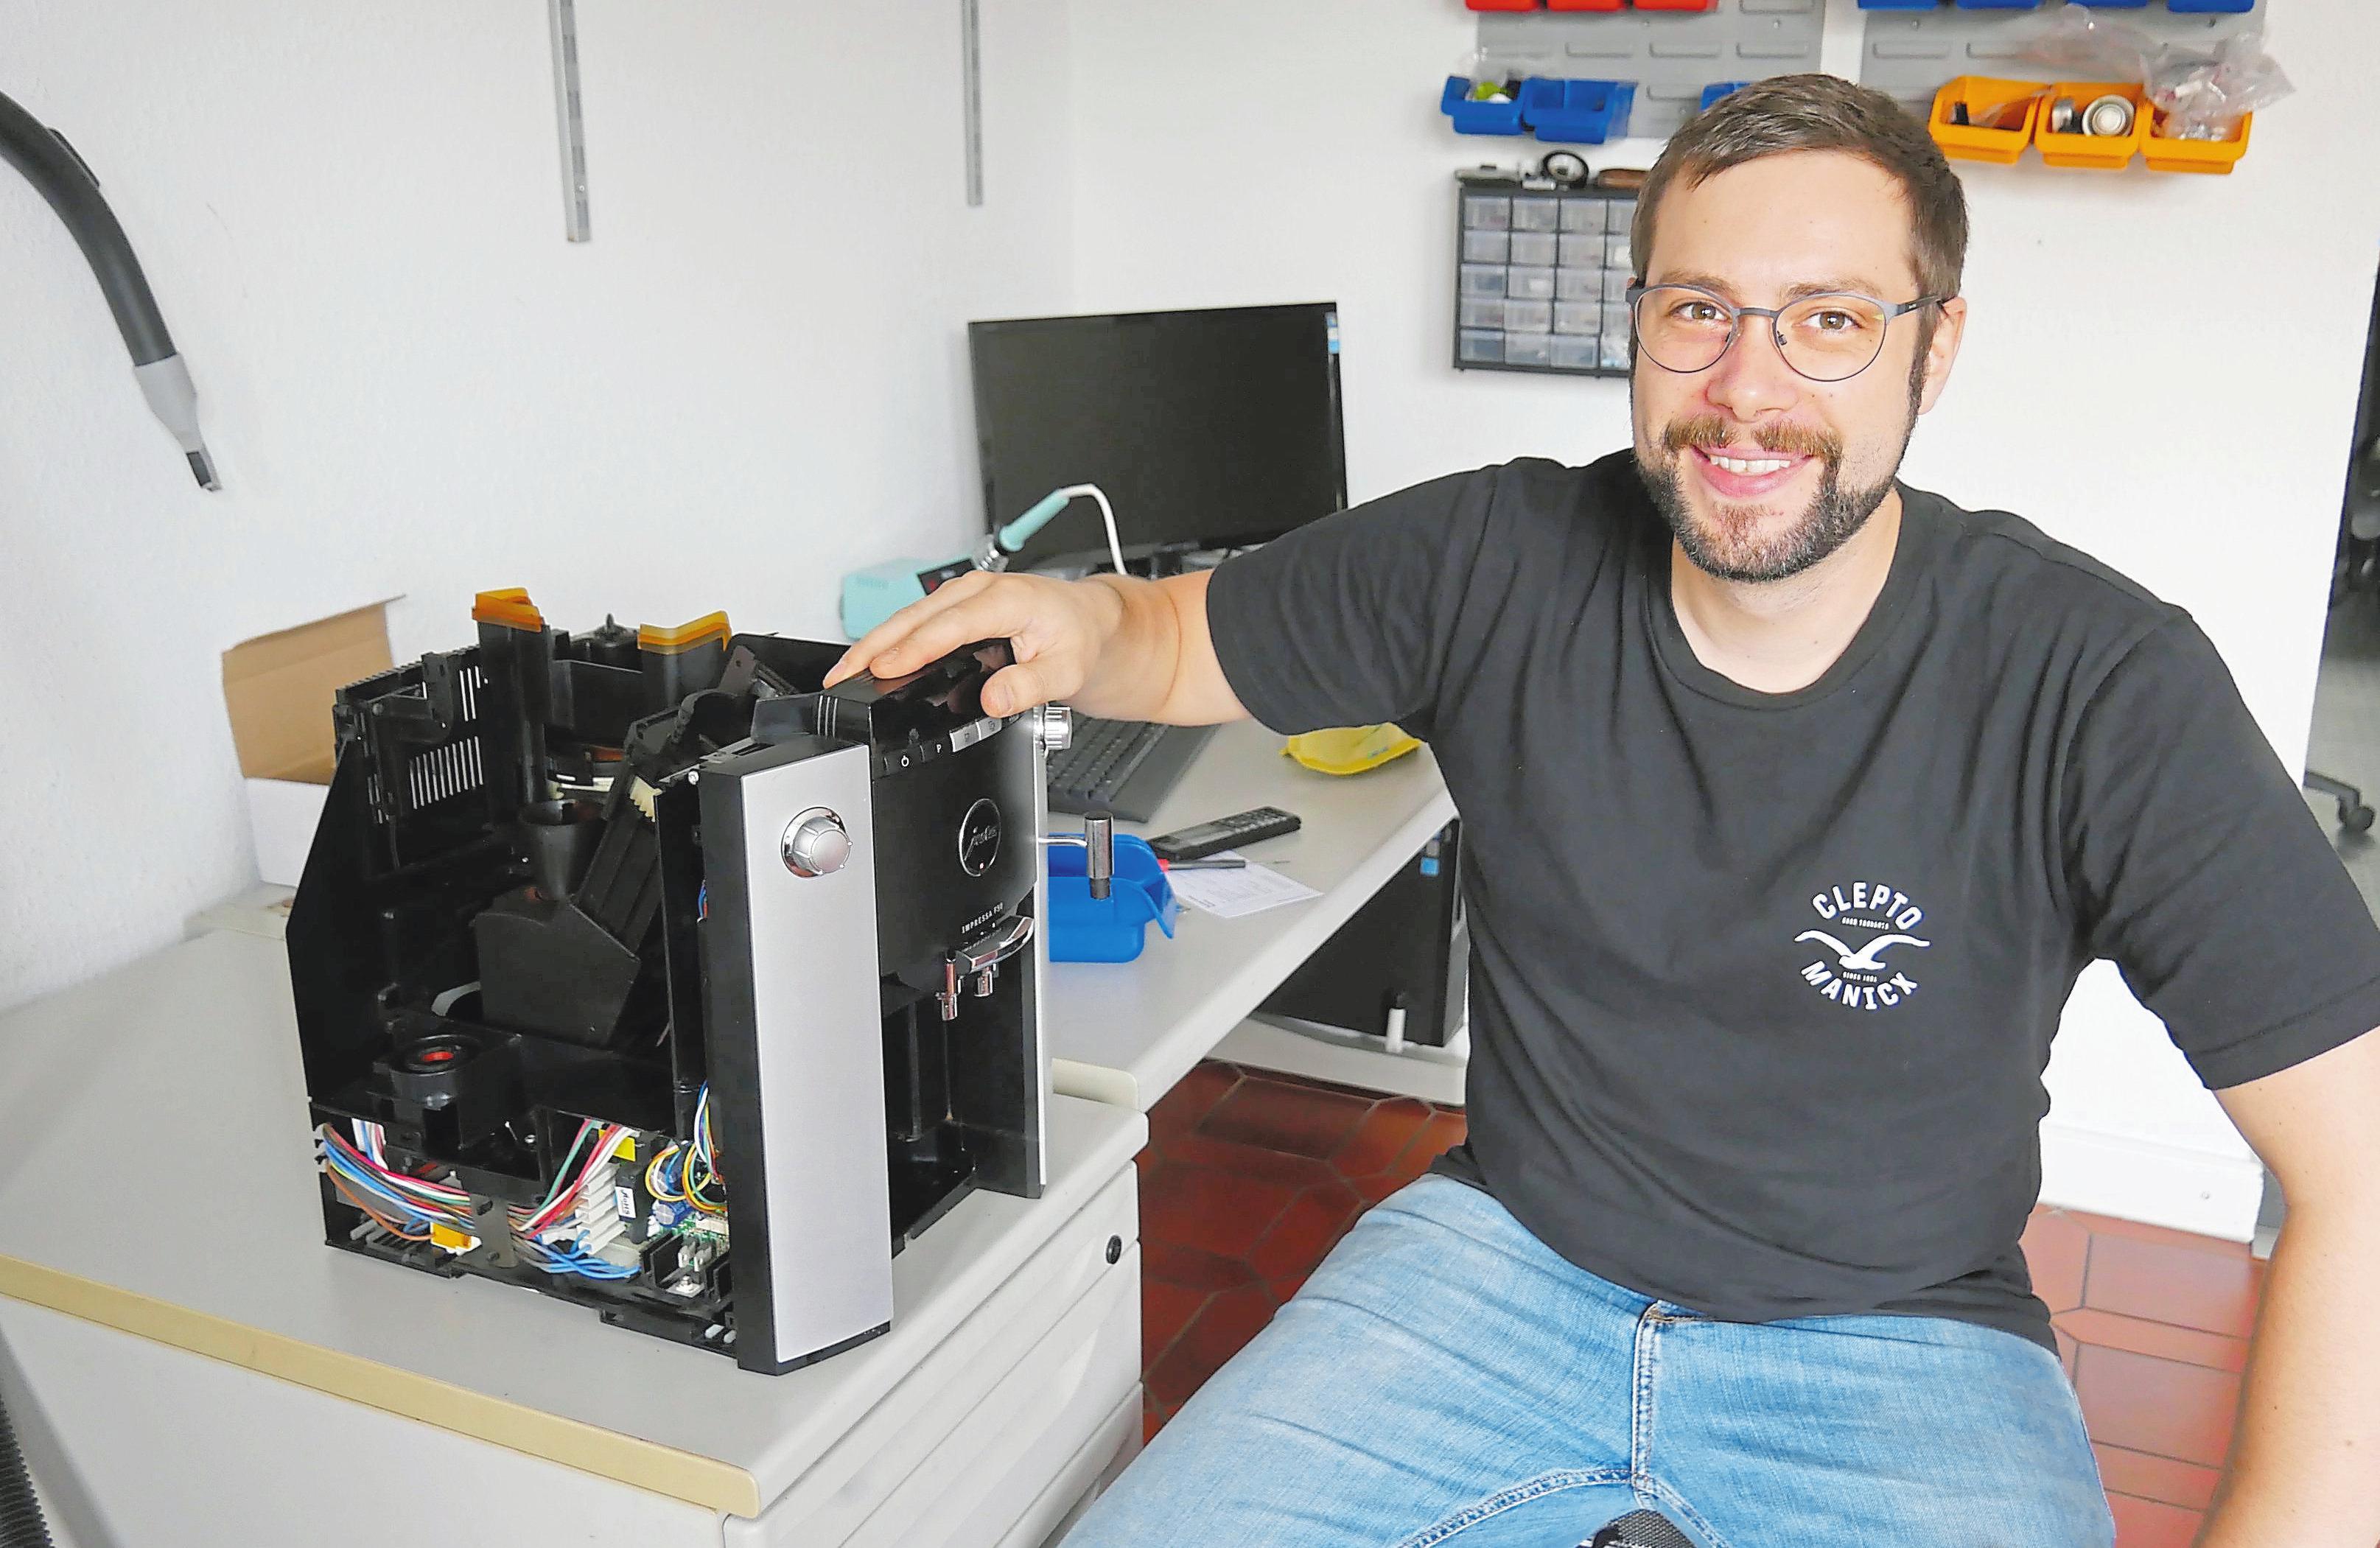 """Der """"Patient"""" Kaffeevollautomat leidet unter Verstopfung - Rene Basler kümmert sich. Foto:Christiane Husmann"""